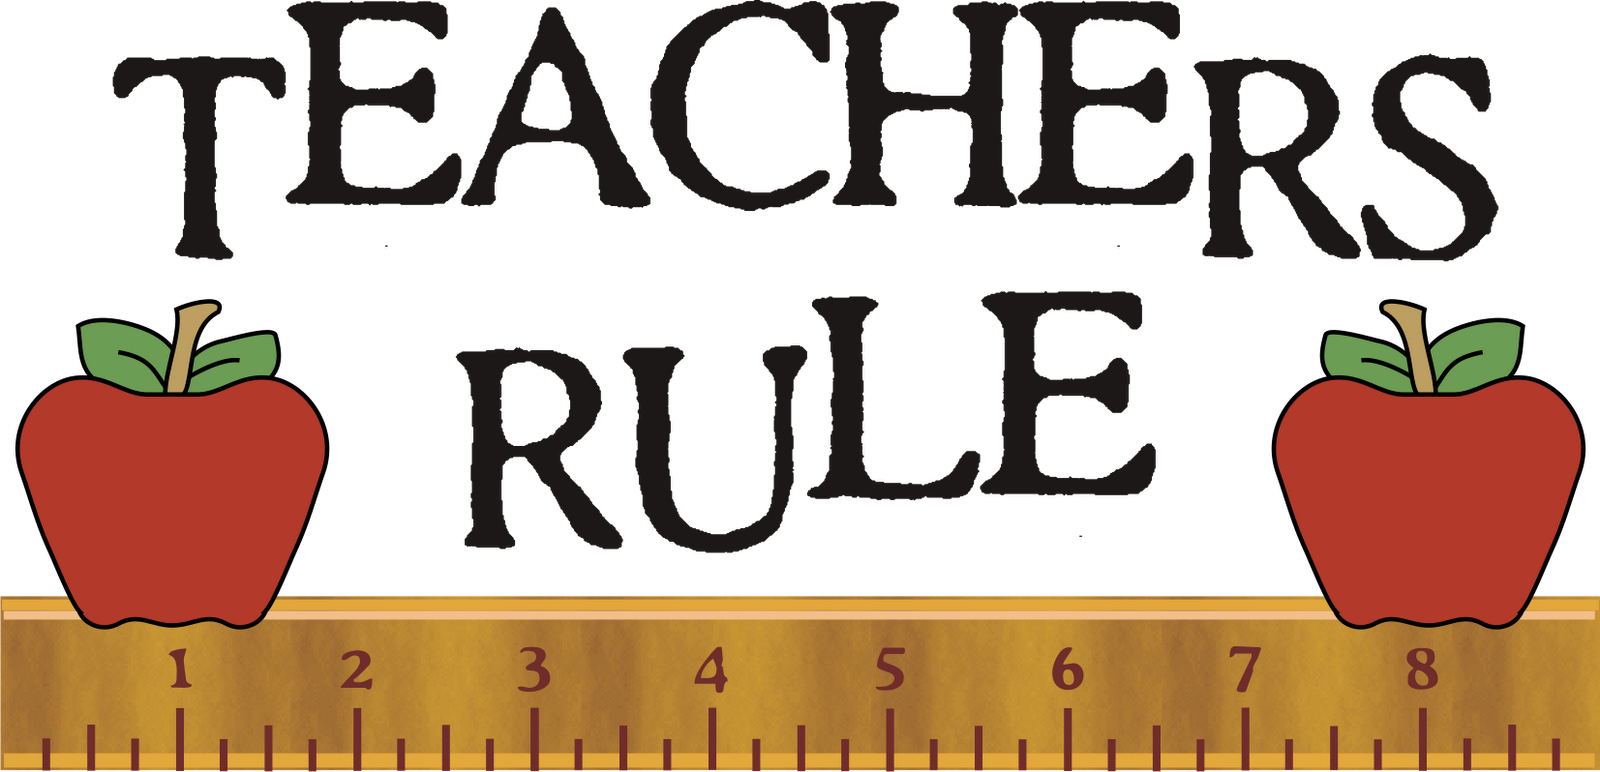 Clipart For Teachers